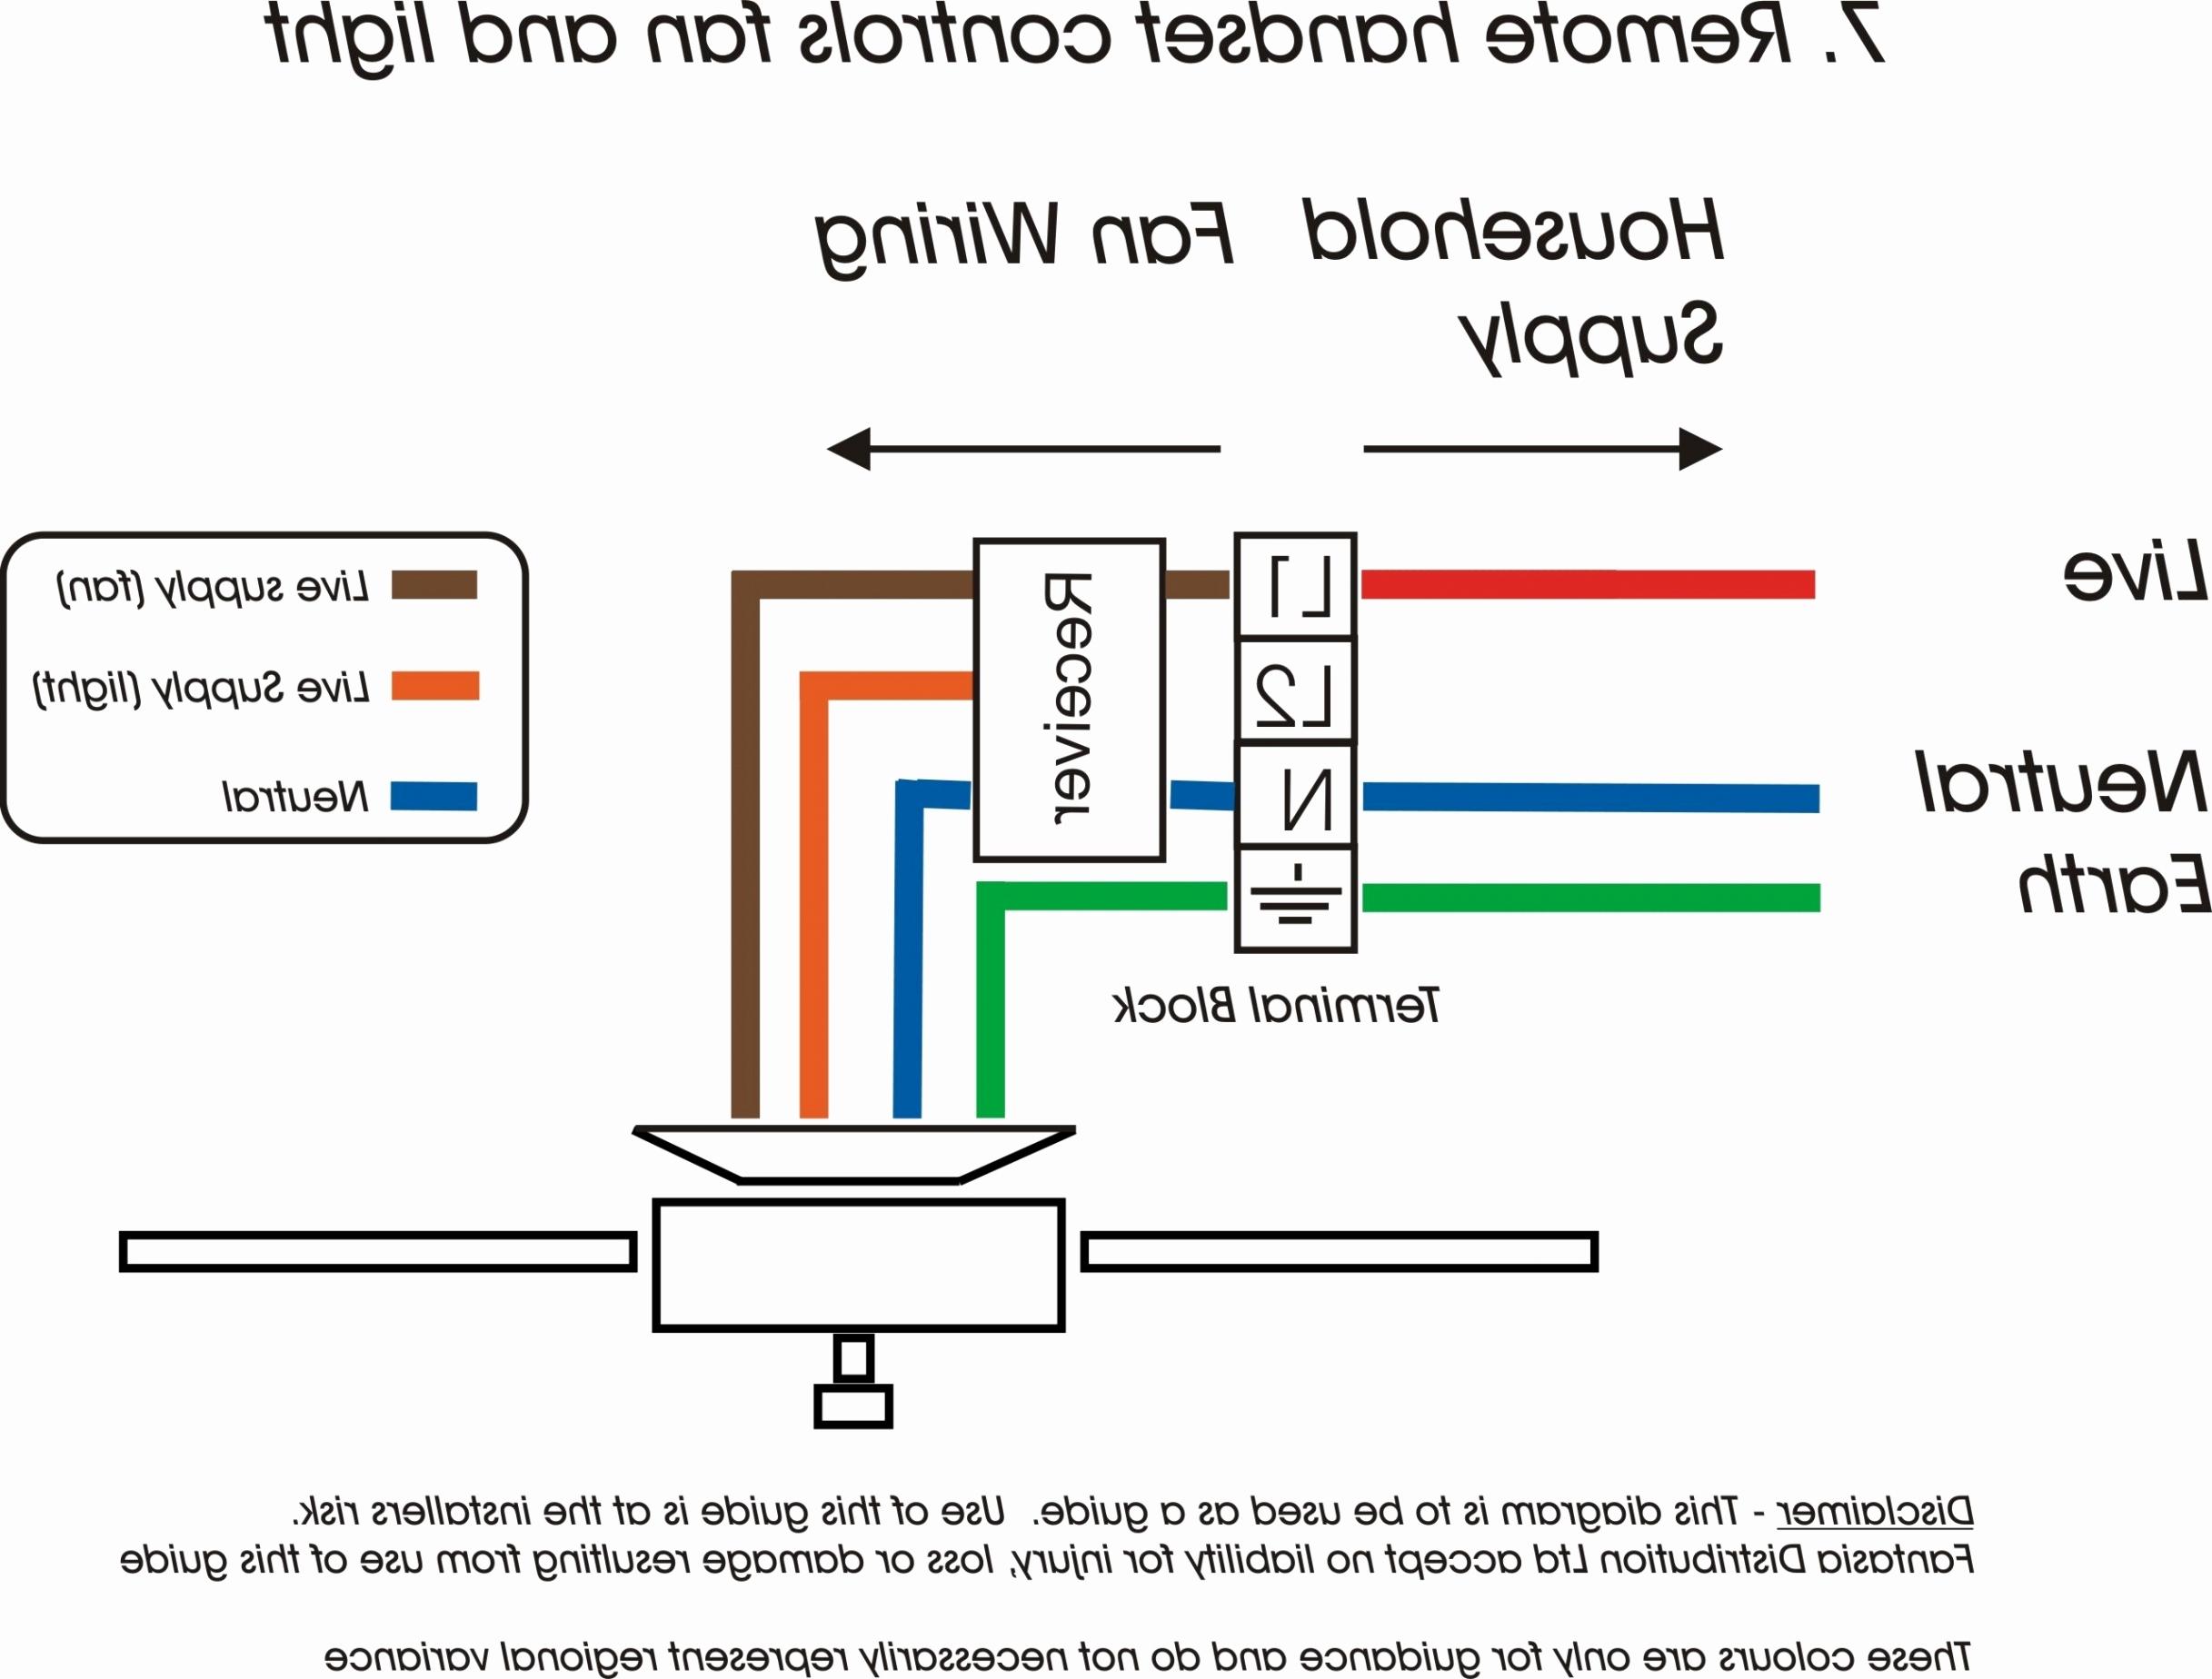 Groovy 277V To 120V Transformer Wiring Diagram Gallery Wiring Diagram Sample Wiring Digital Resources Attrlexorcompassionincorg